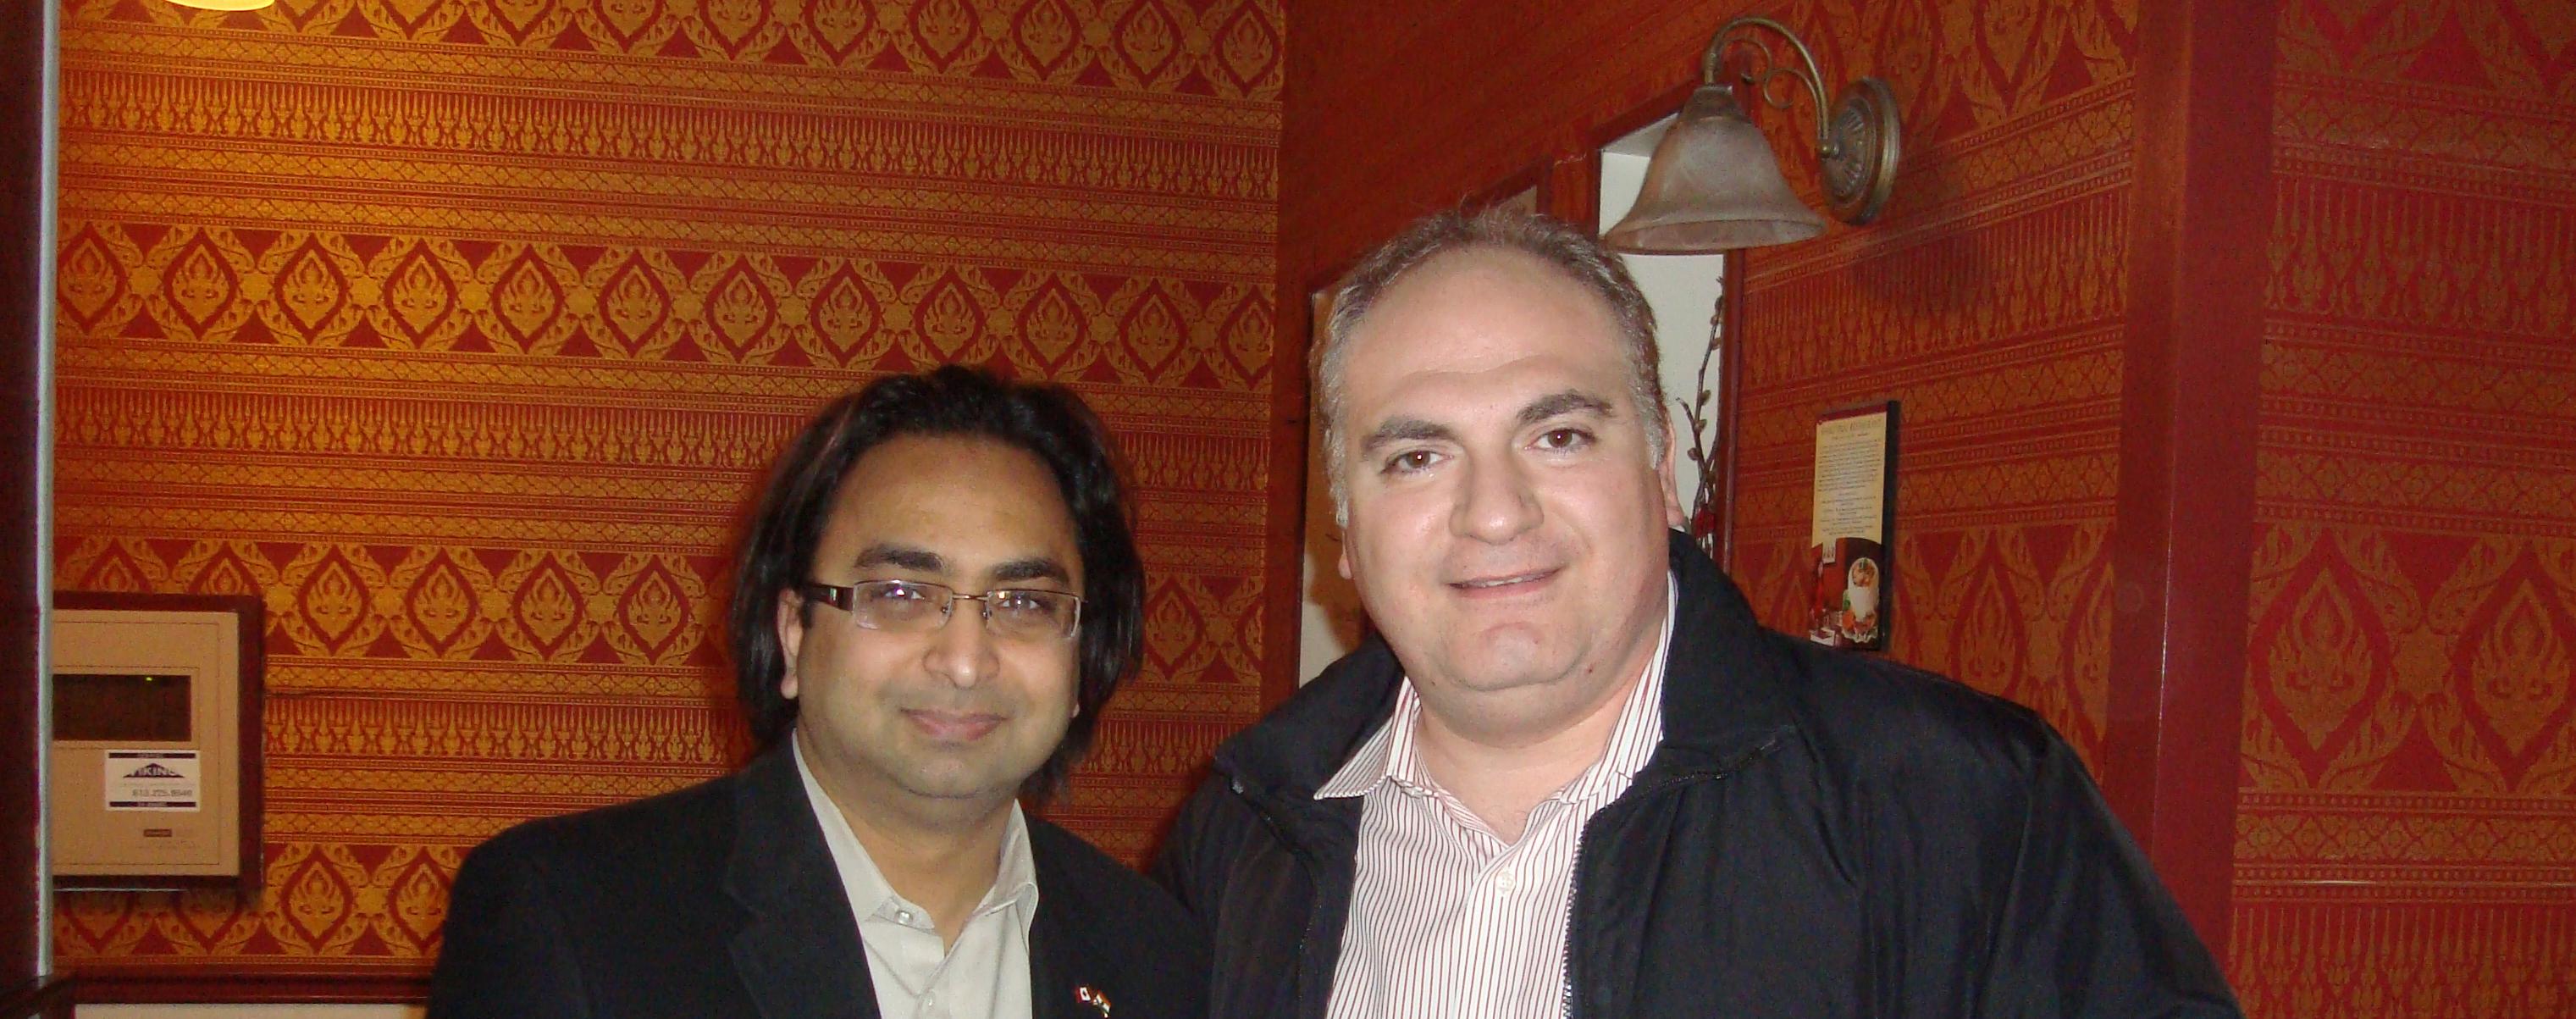 Husain (L) with Jean-Philippe Tachdjian